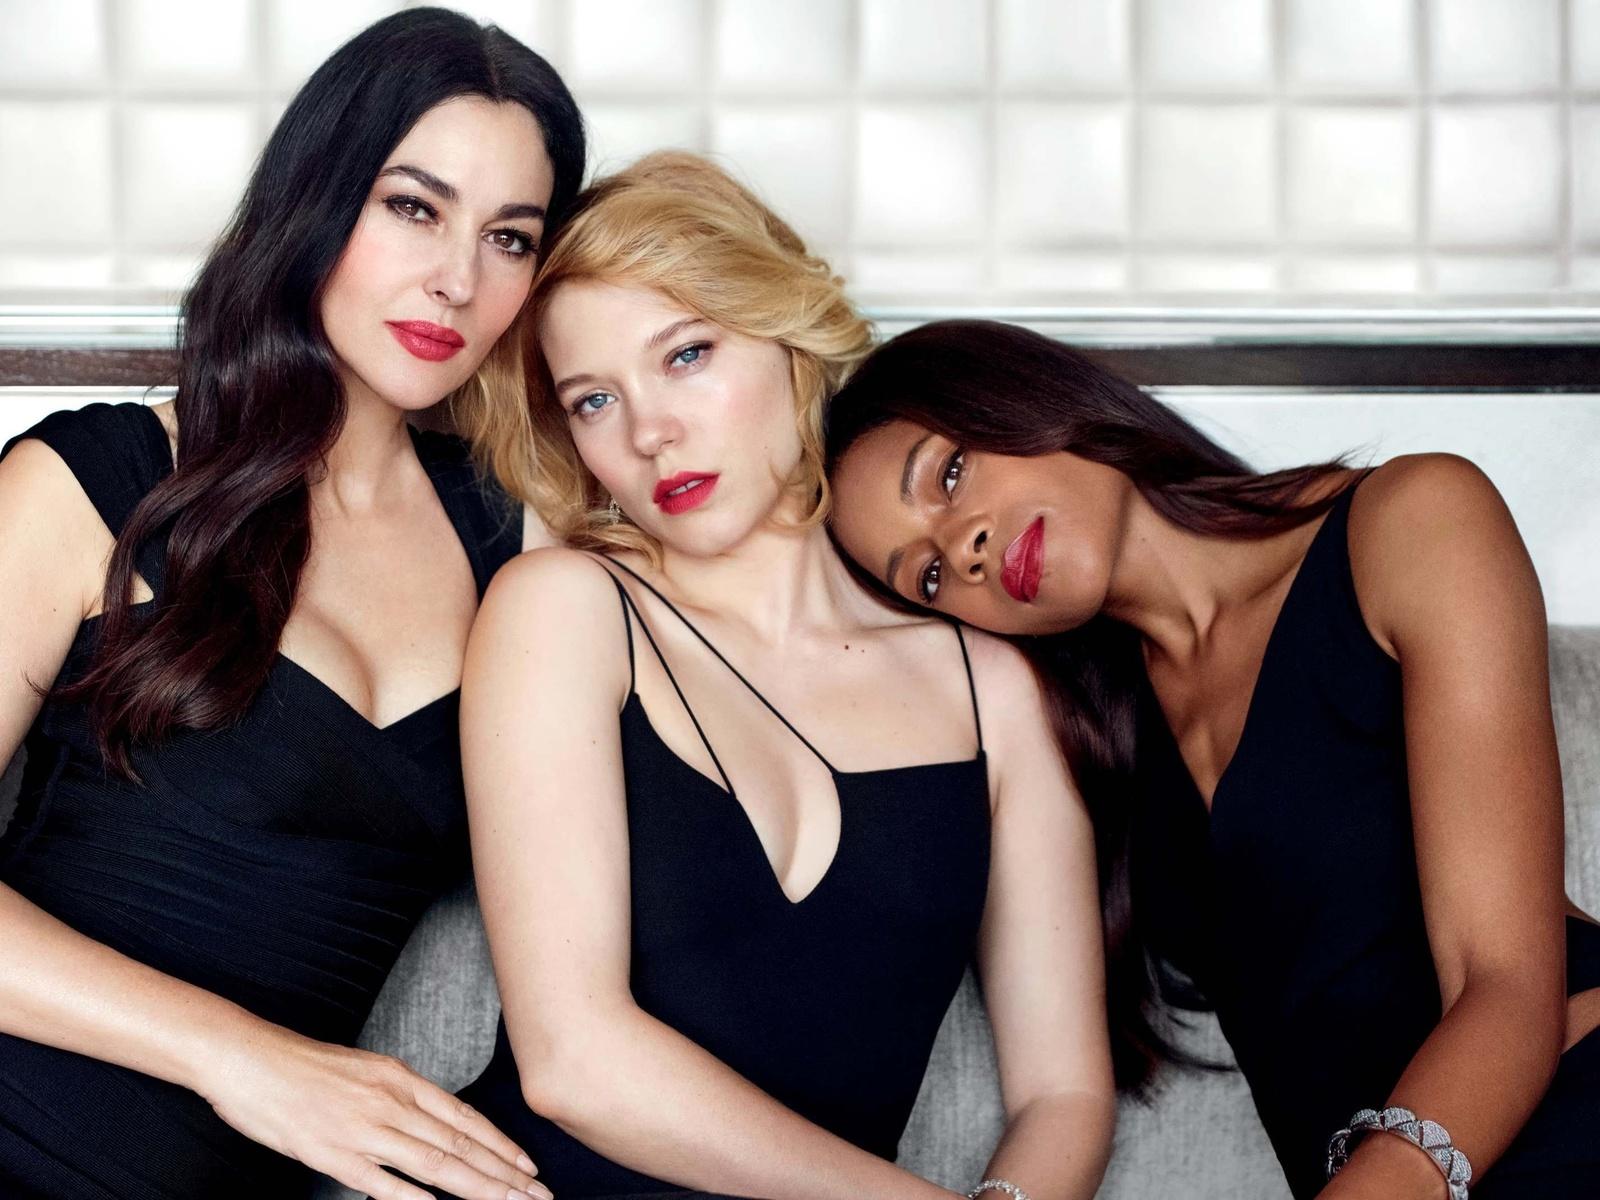 девушки, трио, позируют, красивы, брюнетки